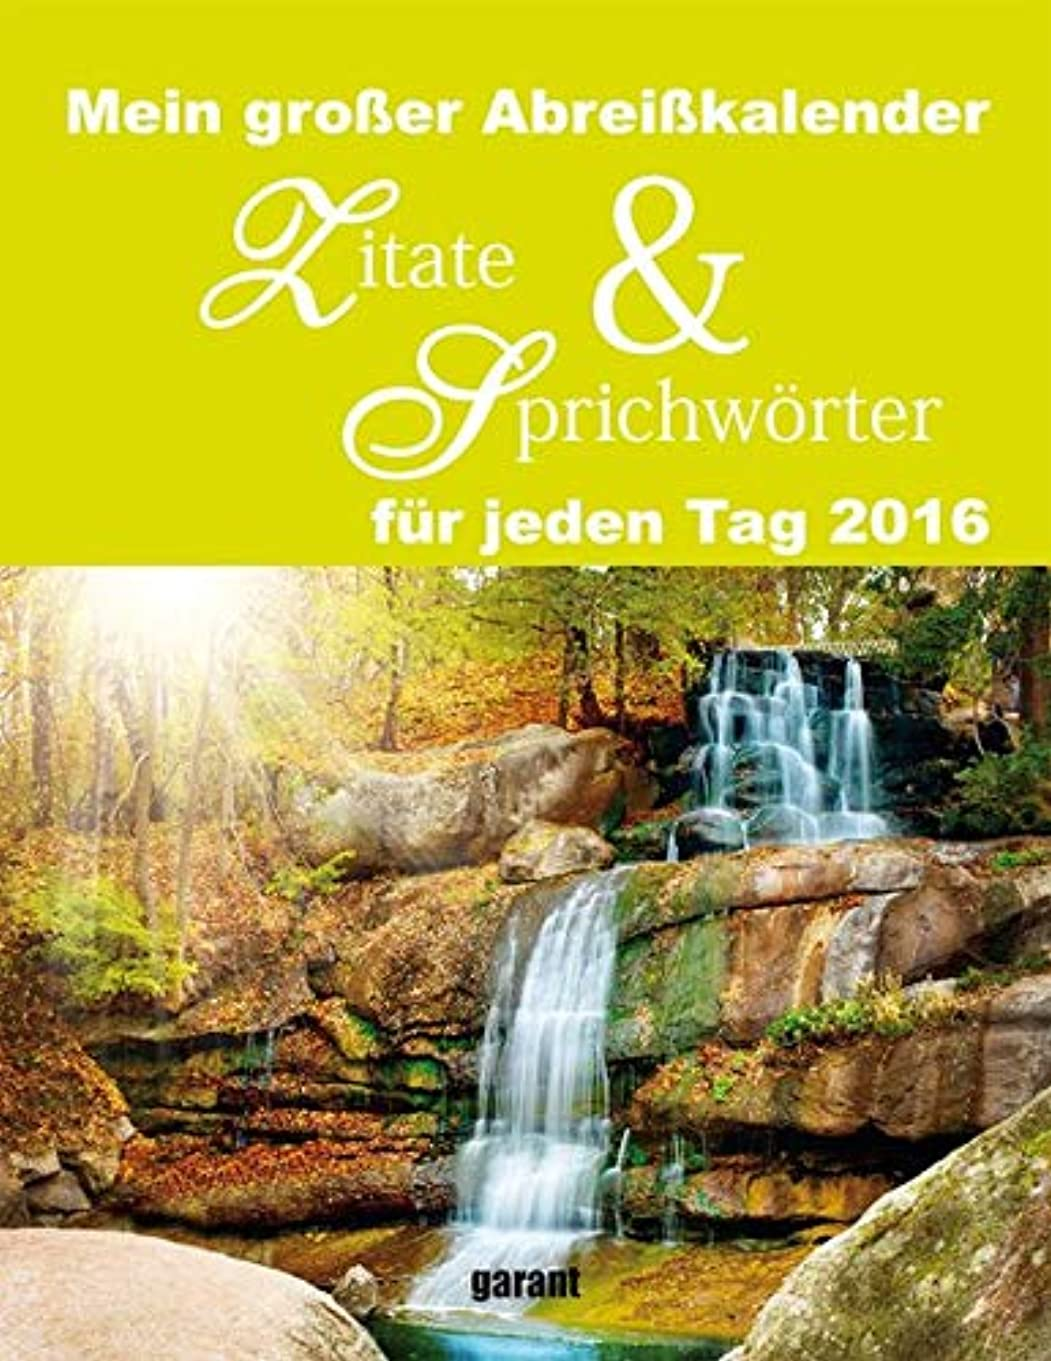 ダーツドメイン困惑するZitate & Sprichwoerter 2016 Abreisskalender